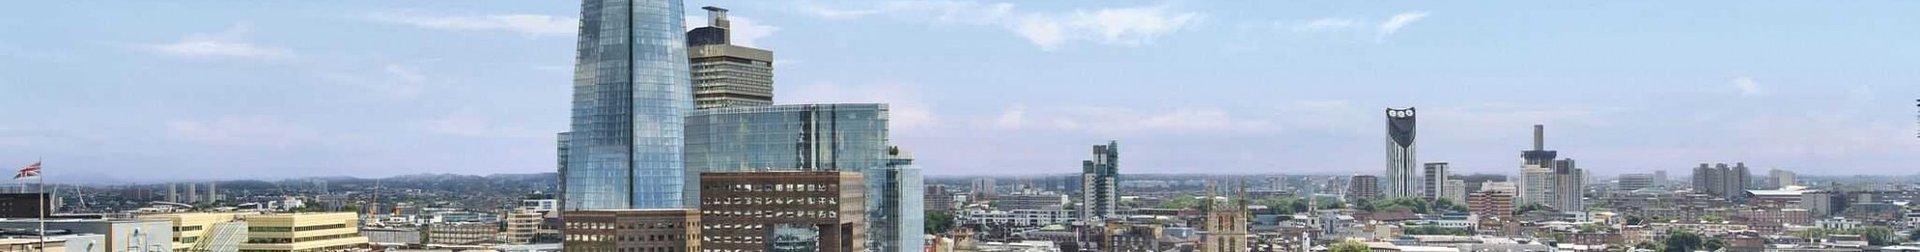 Der CEO der Gruppe, Pavel Trenka, nimmt Stellung in der Estate Gazette zum Londoner Markt, dem Brexit und zu HB Reavis zukünftigen Plänen.